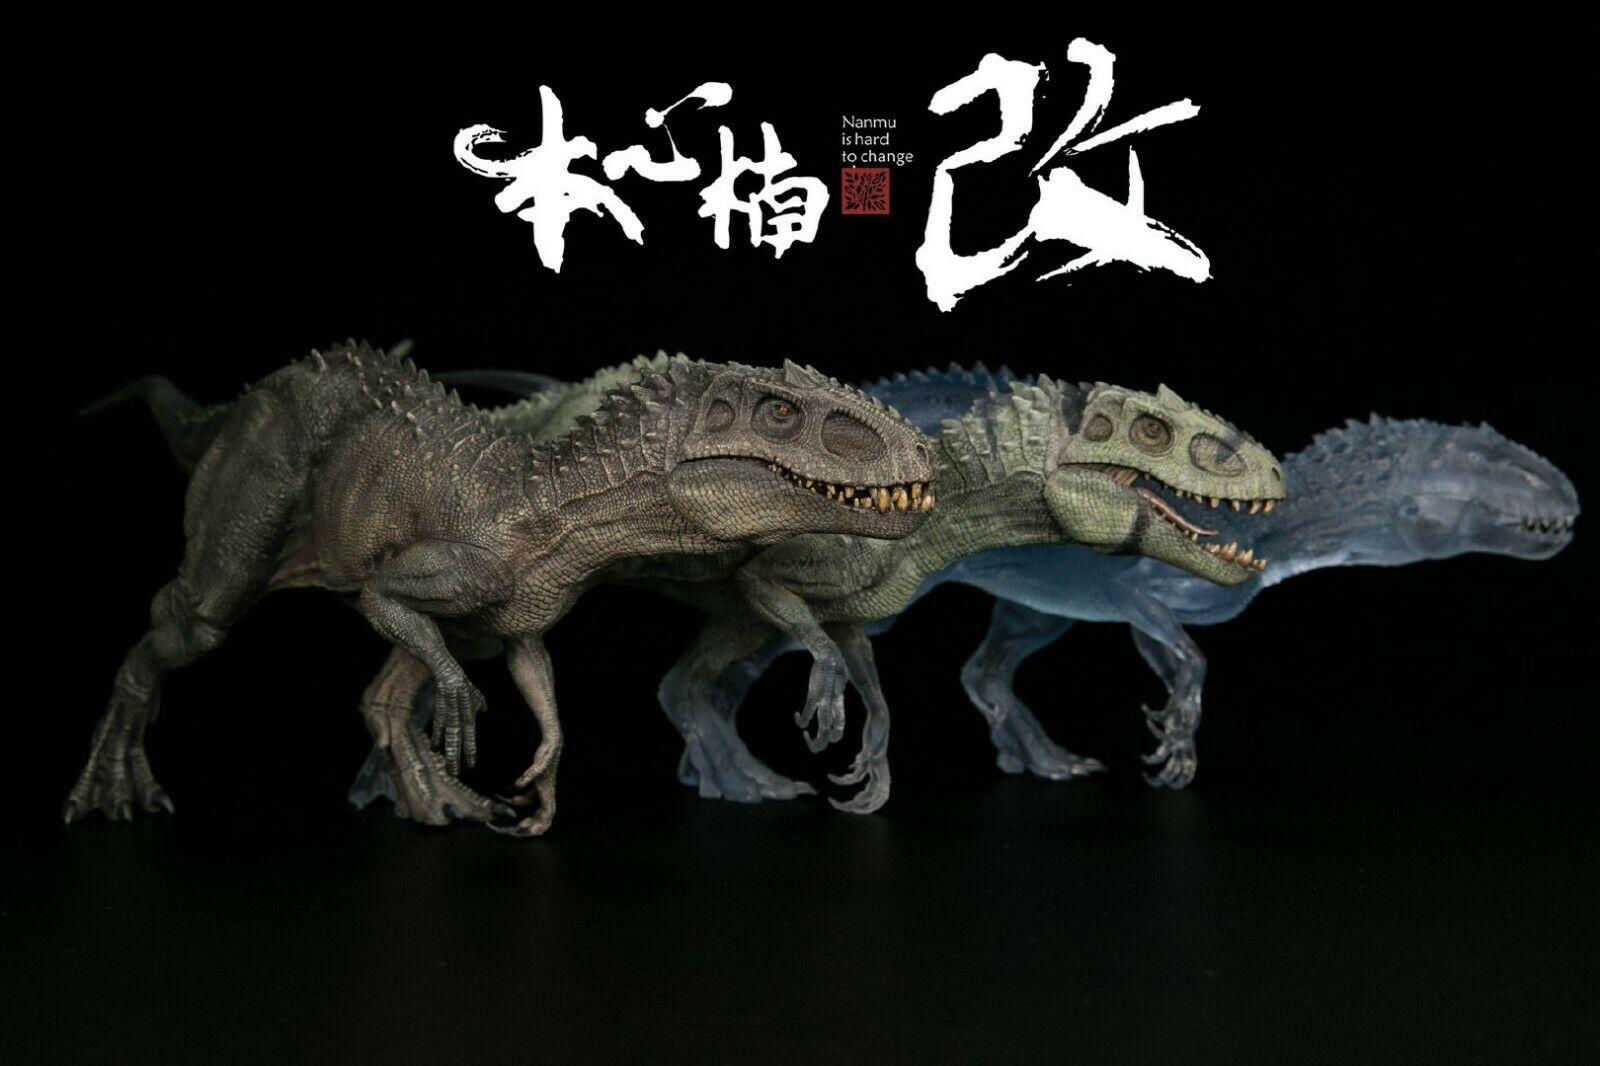 1:35 شفافة شفافة Bereserker ريكس الديناصور الجوراسي نماذج للحيوانات الشكل جمع الكبار البيولوجية القديمة